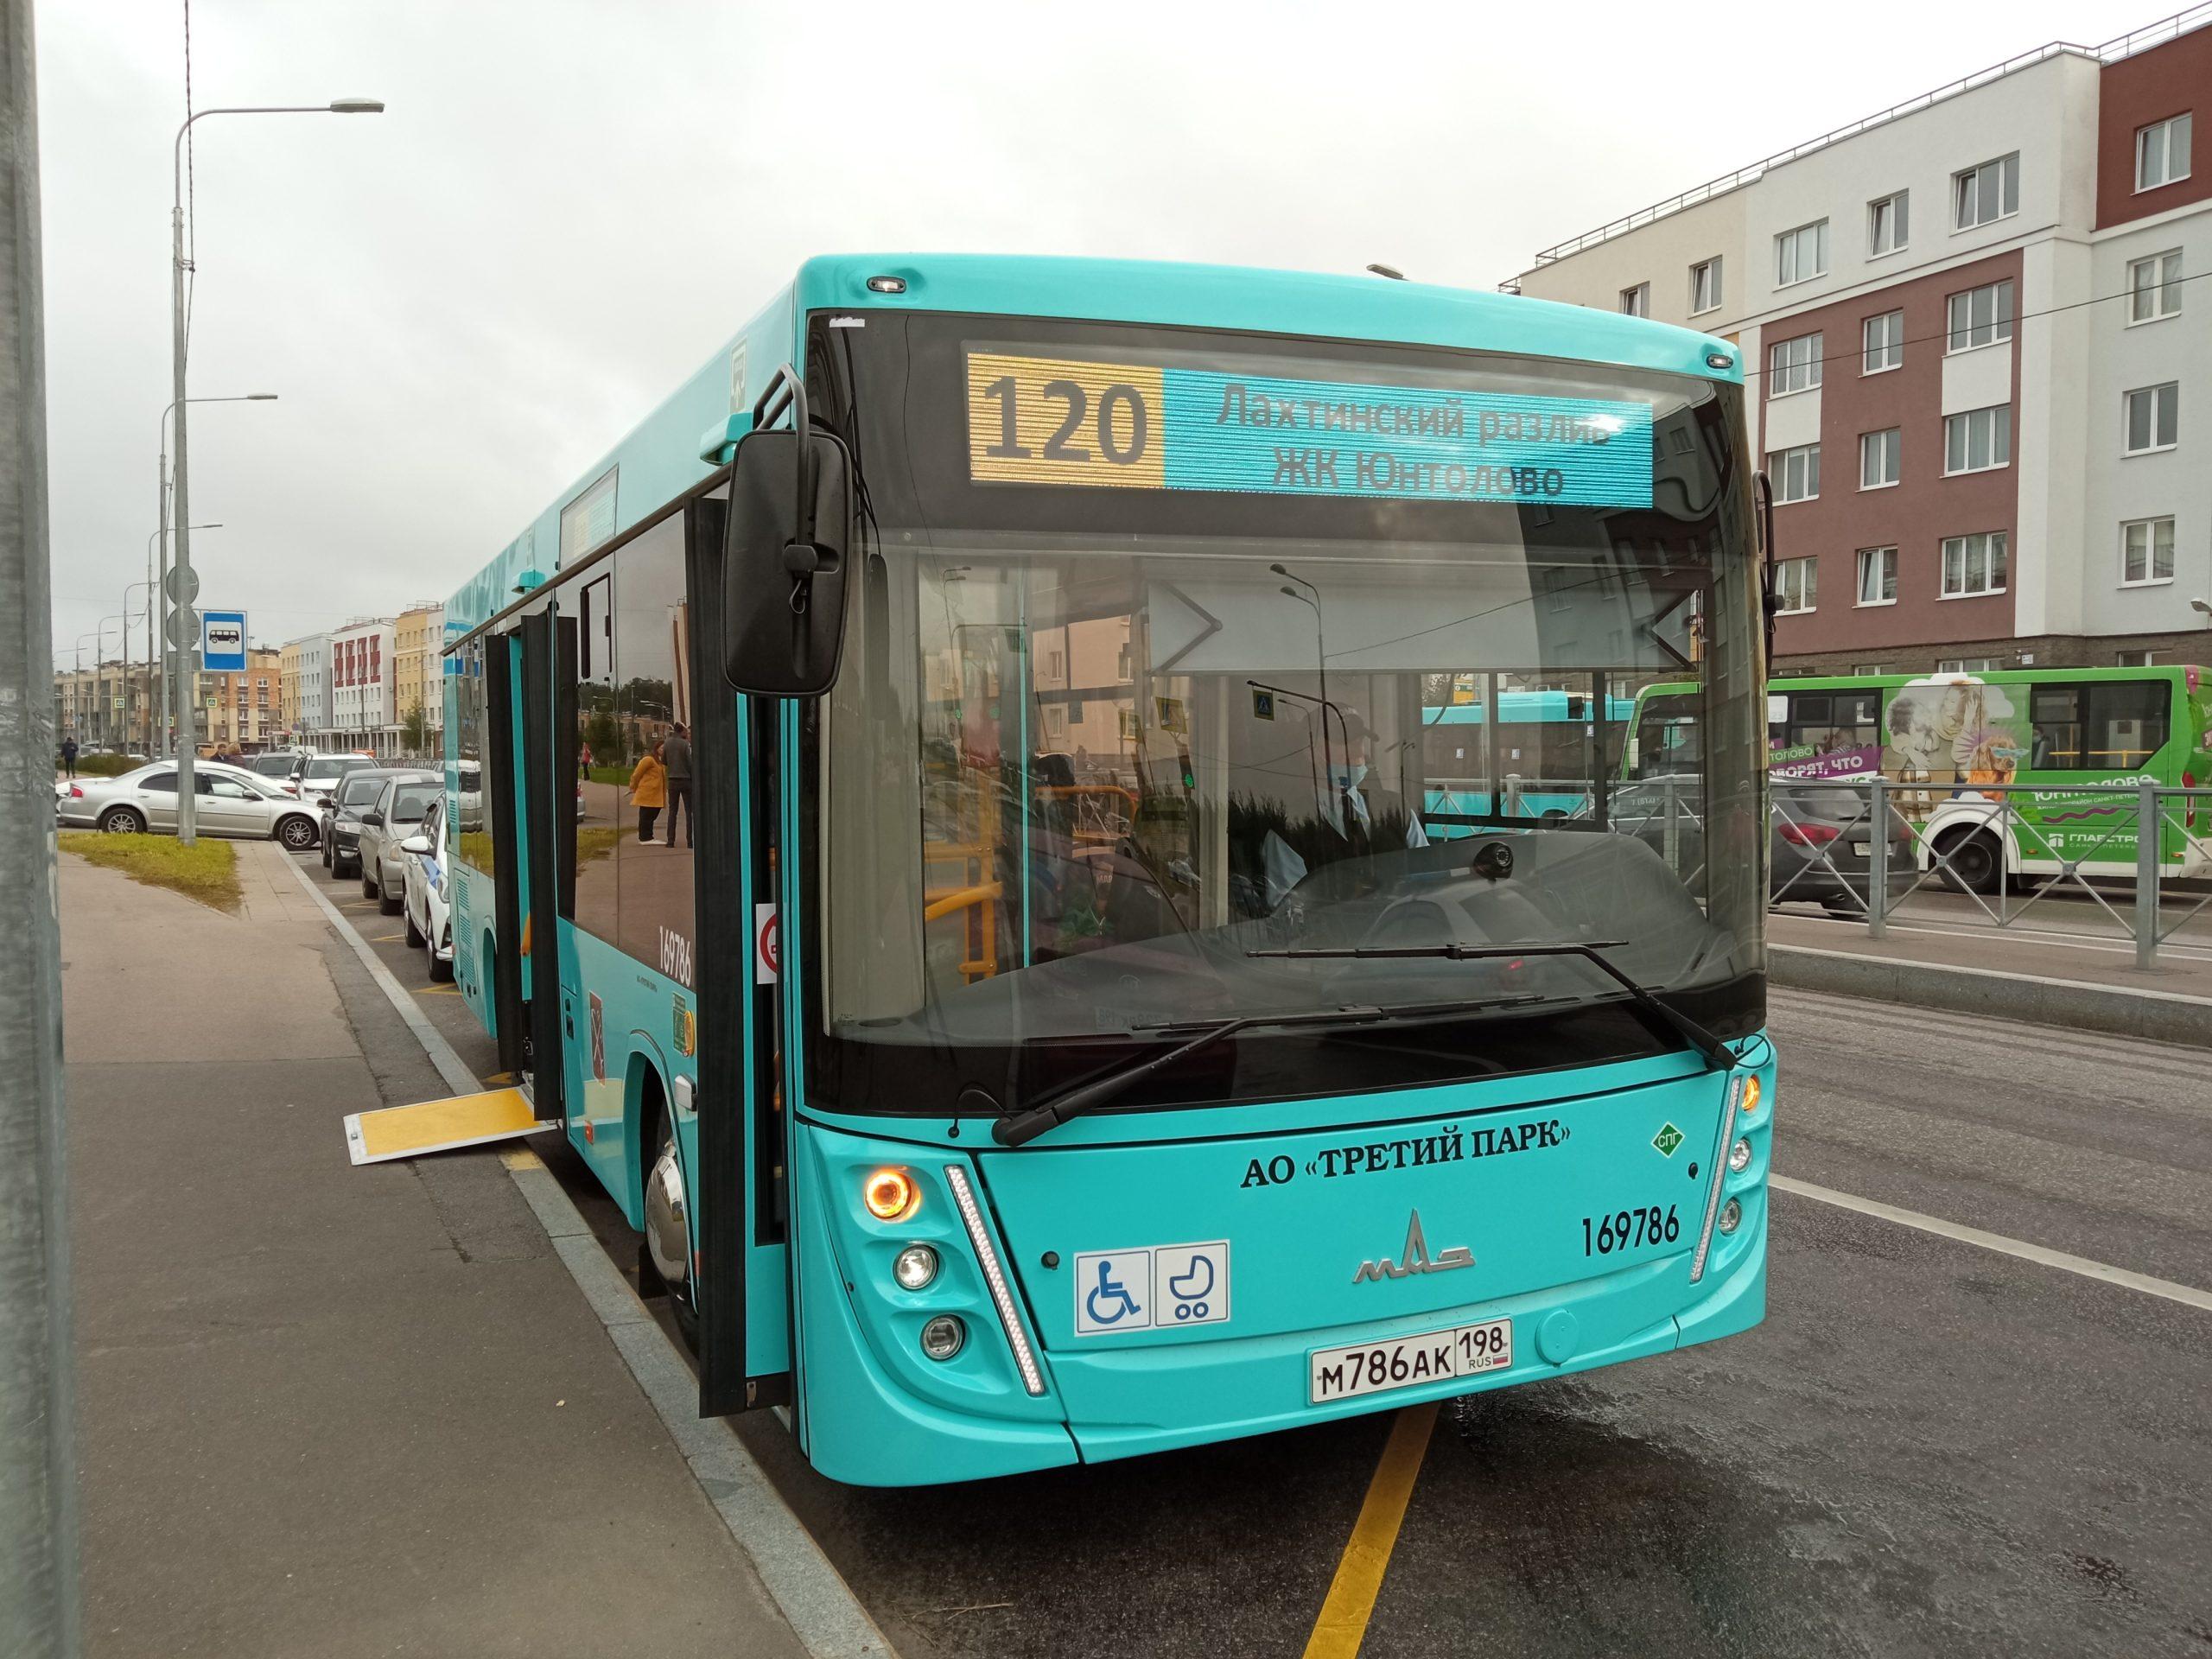 «Третий Парк» запустил новый маршрут № 120.